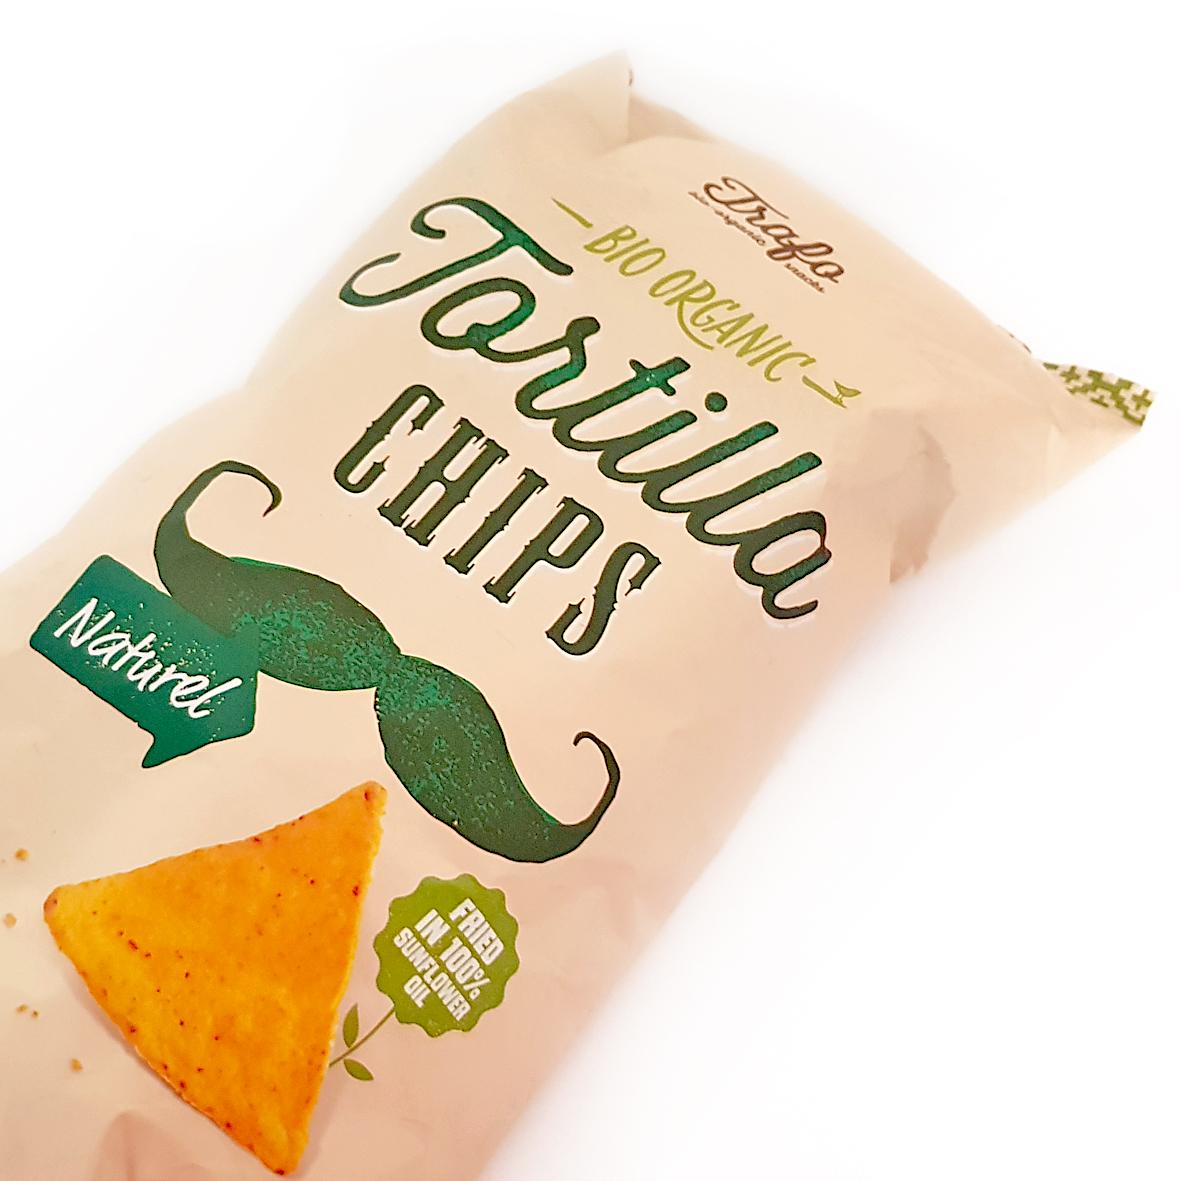 Empfehlenswerte Tortilla Chips von Trafo